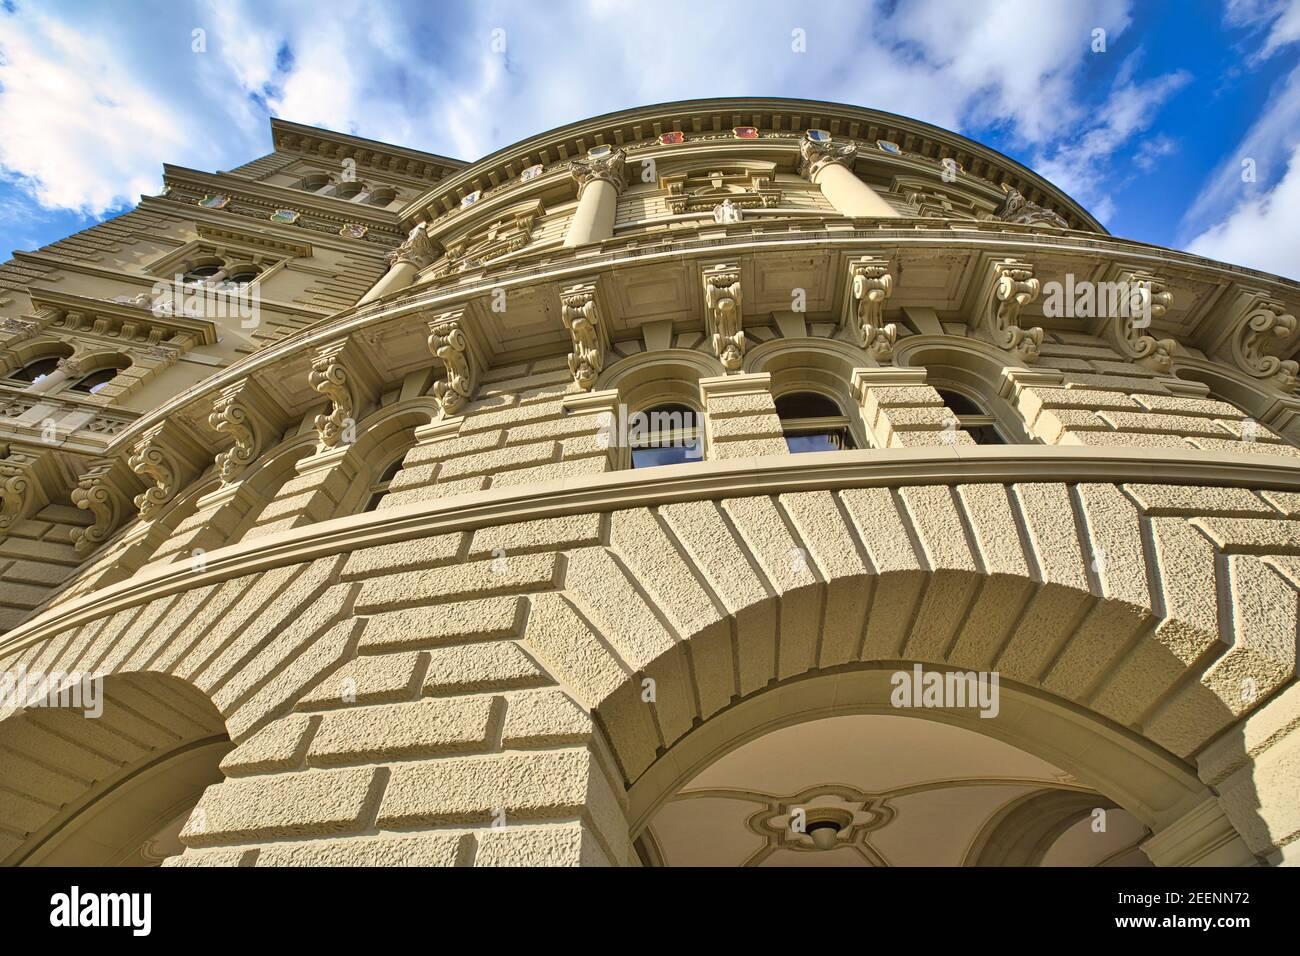 Vista inferior de los detalles del edificio del Parlamento o Bundeshausthe alberga la Asamblea Federal Suiza y el Consejo Federal. Un punto de referencia histórico Foto de stock